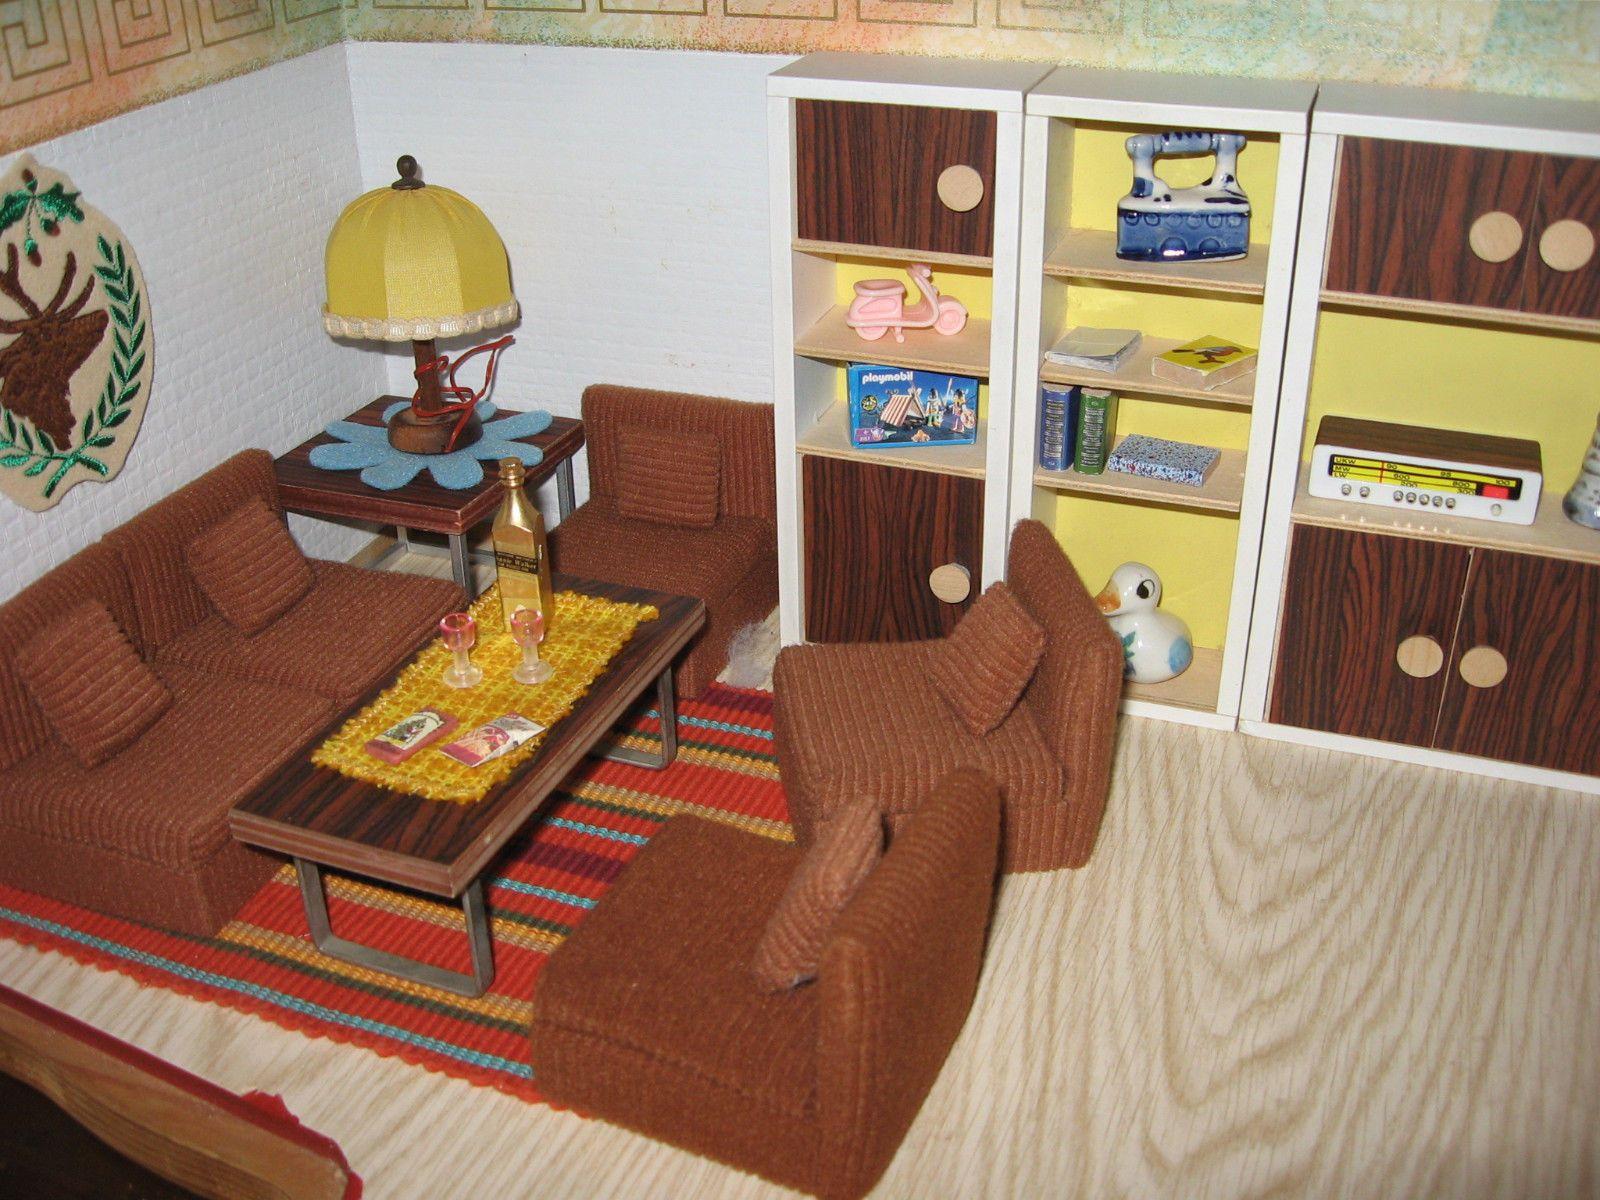 Wohnzimmermöbel Bodo Hennig 10er Jahre Puppenstube-Puppenmöbel